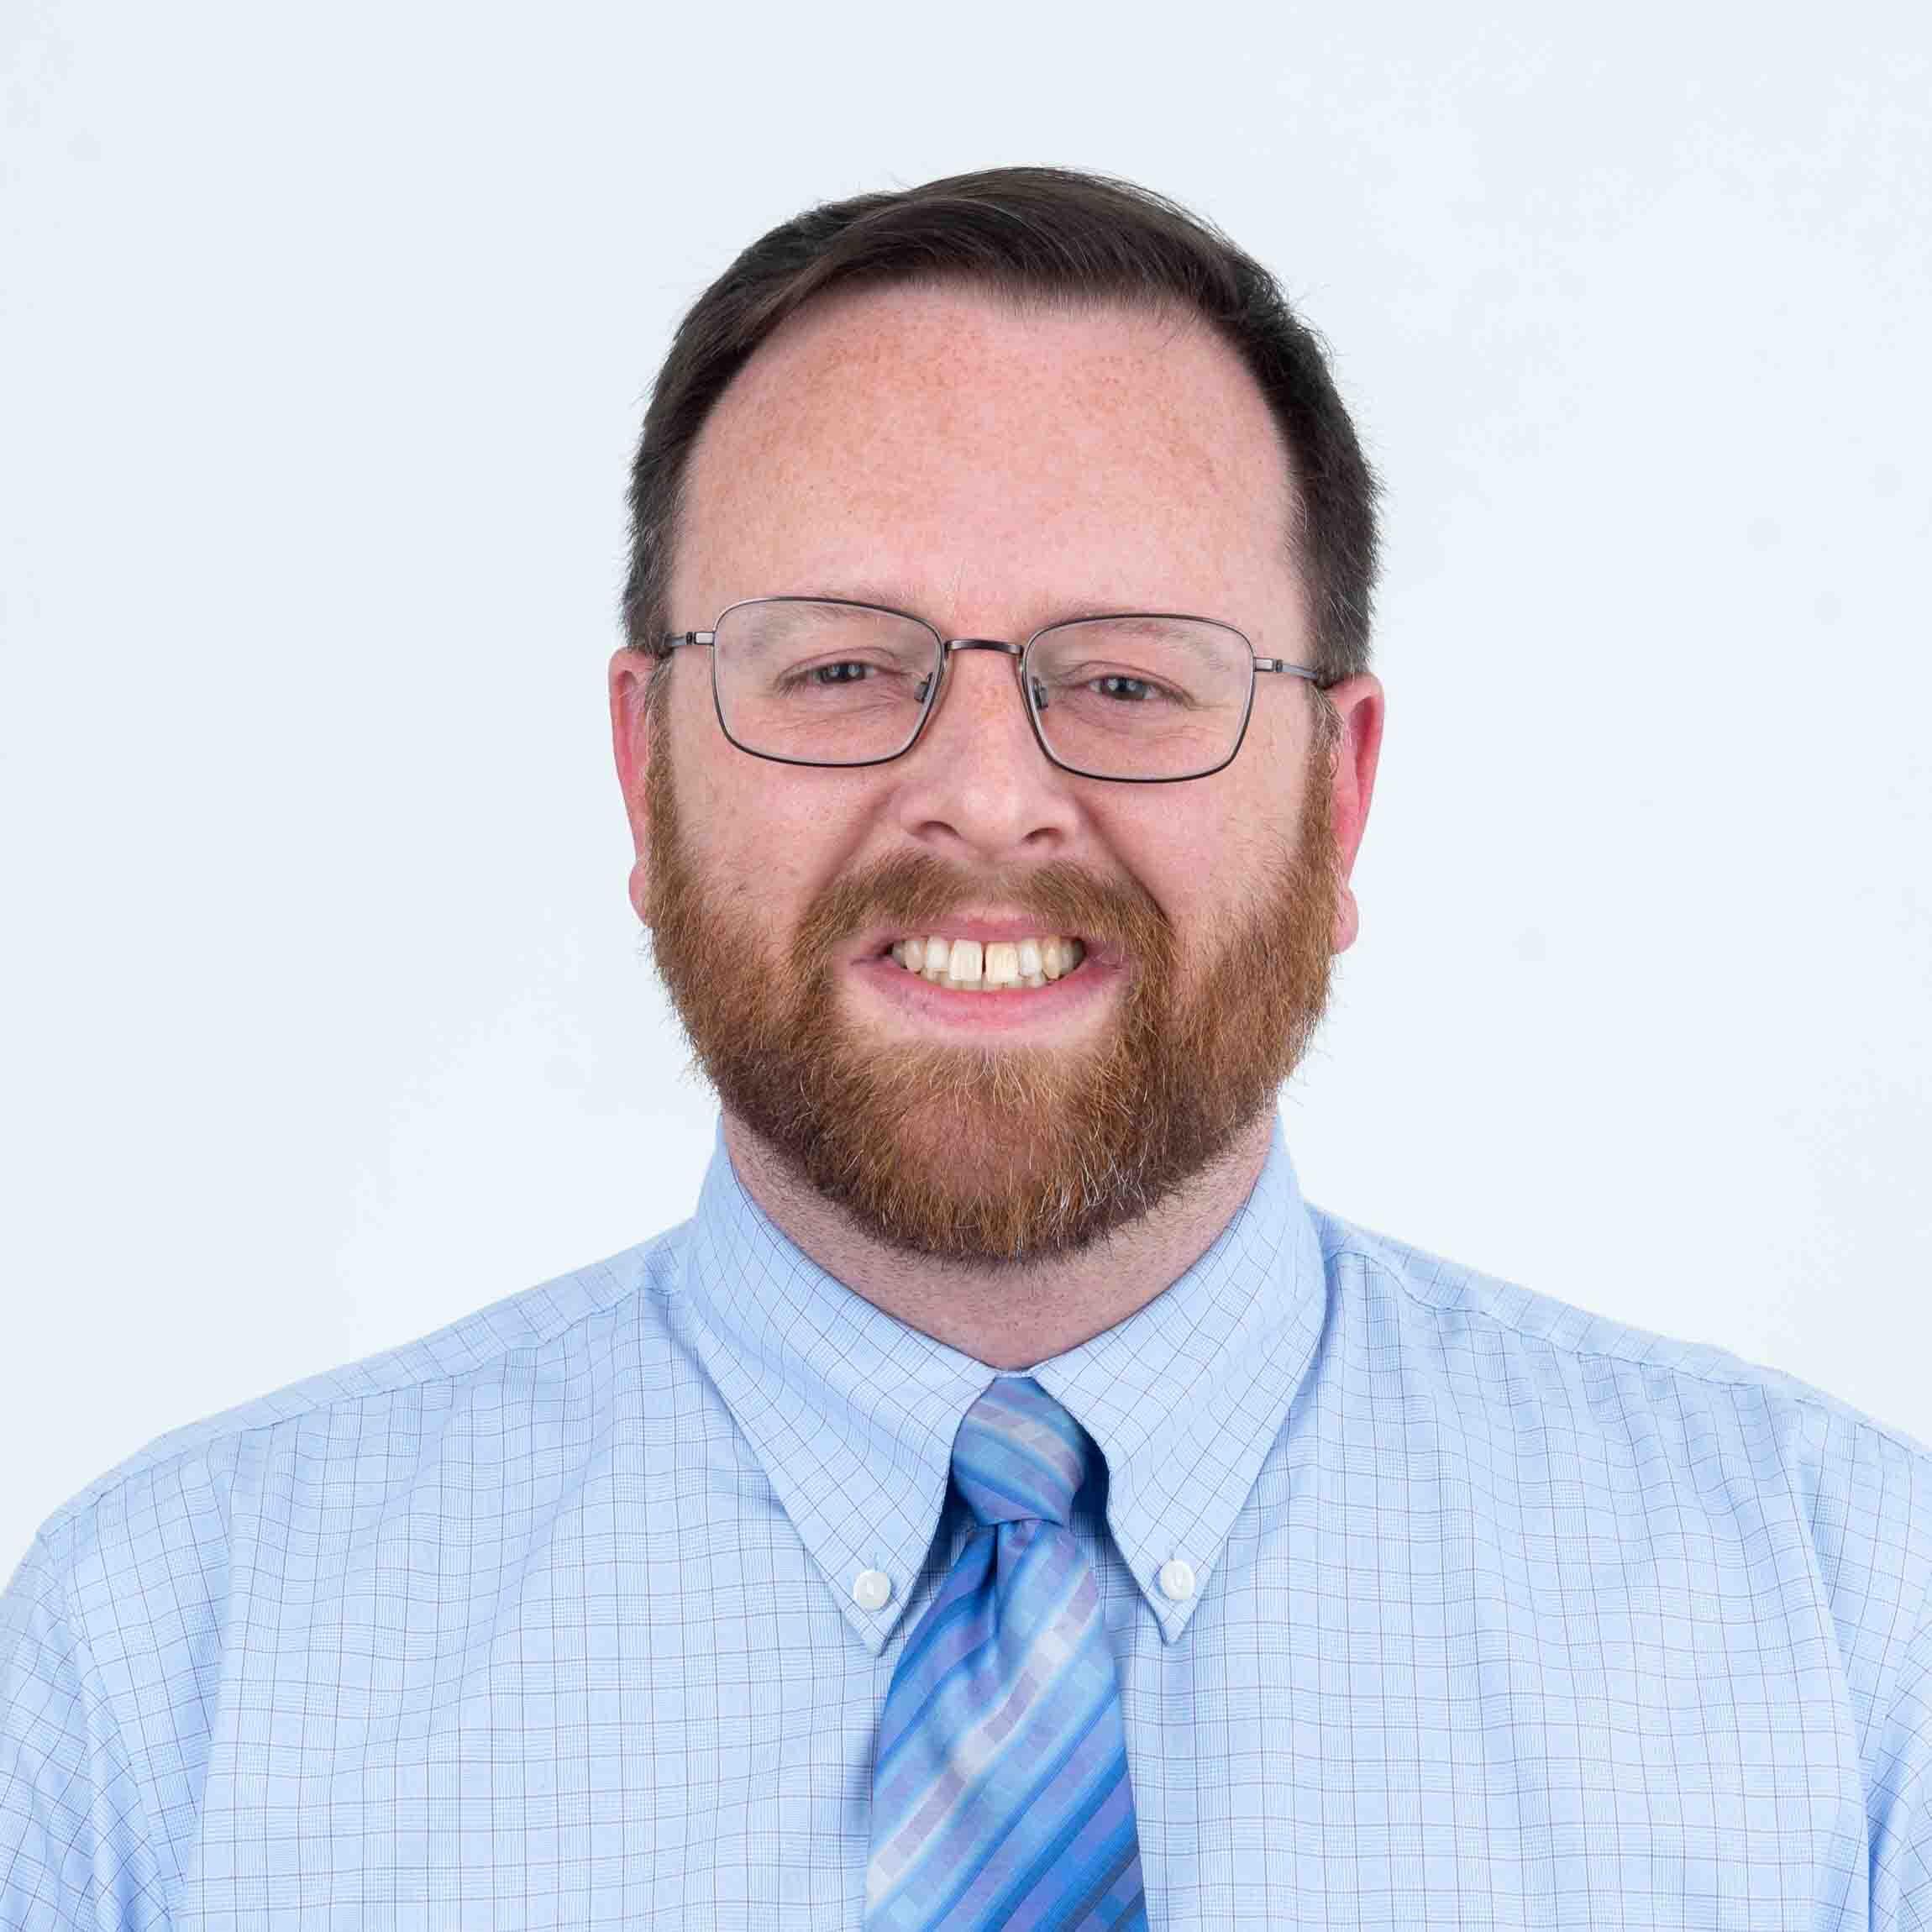 Todd S. Shumaker